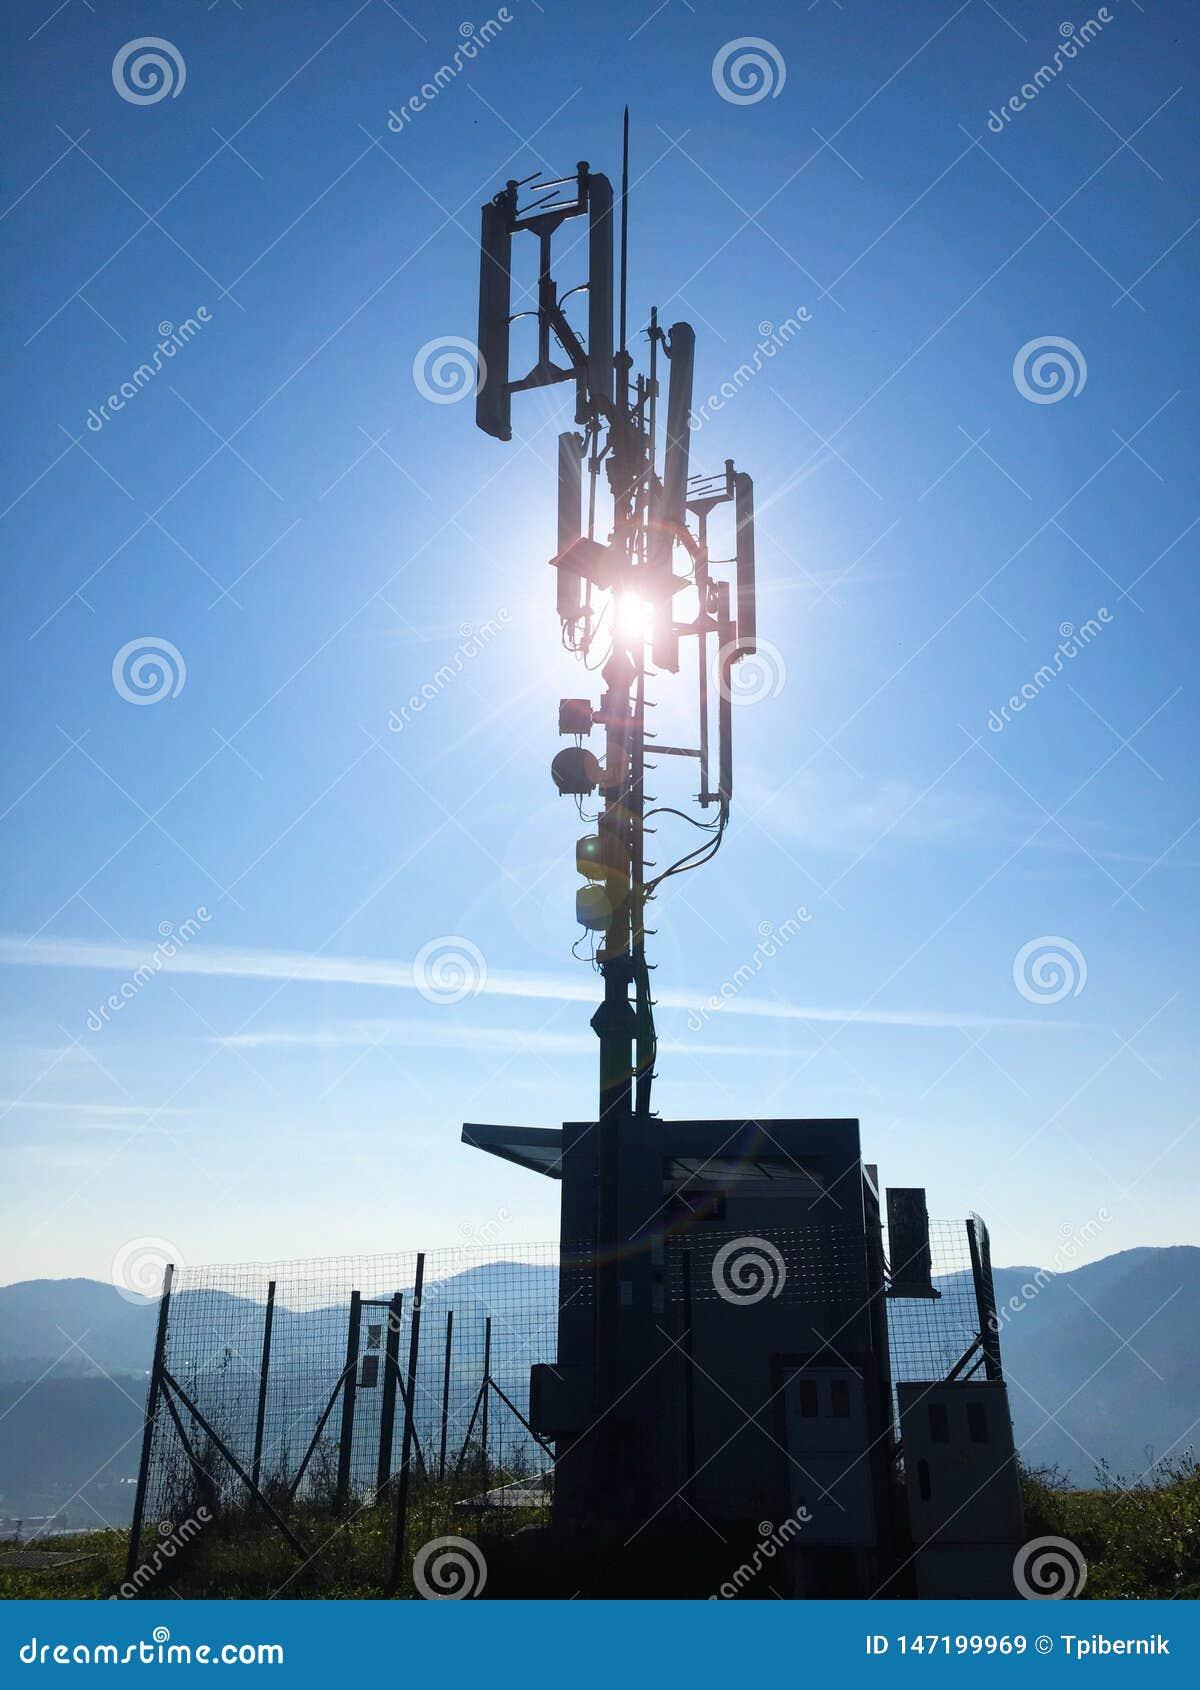 Силуэт антенн высоких клетчатых базовой станции радиосвязи на солнечный день